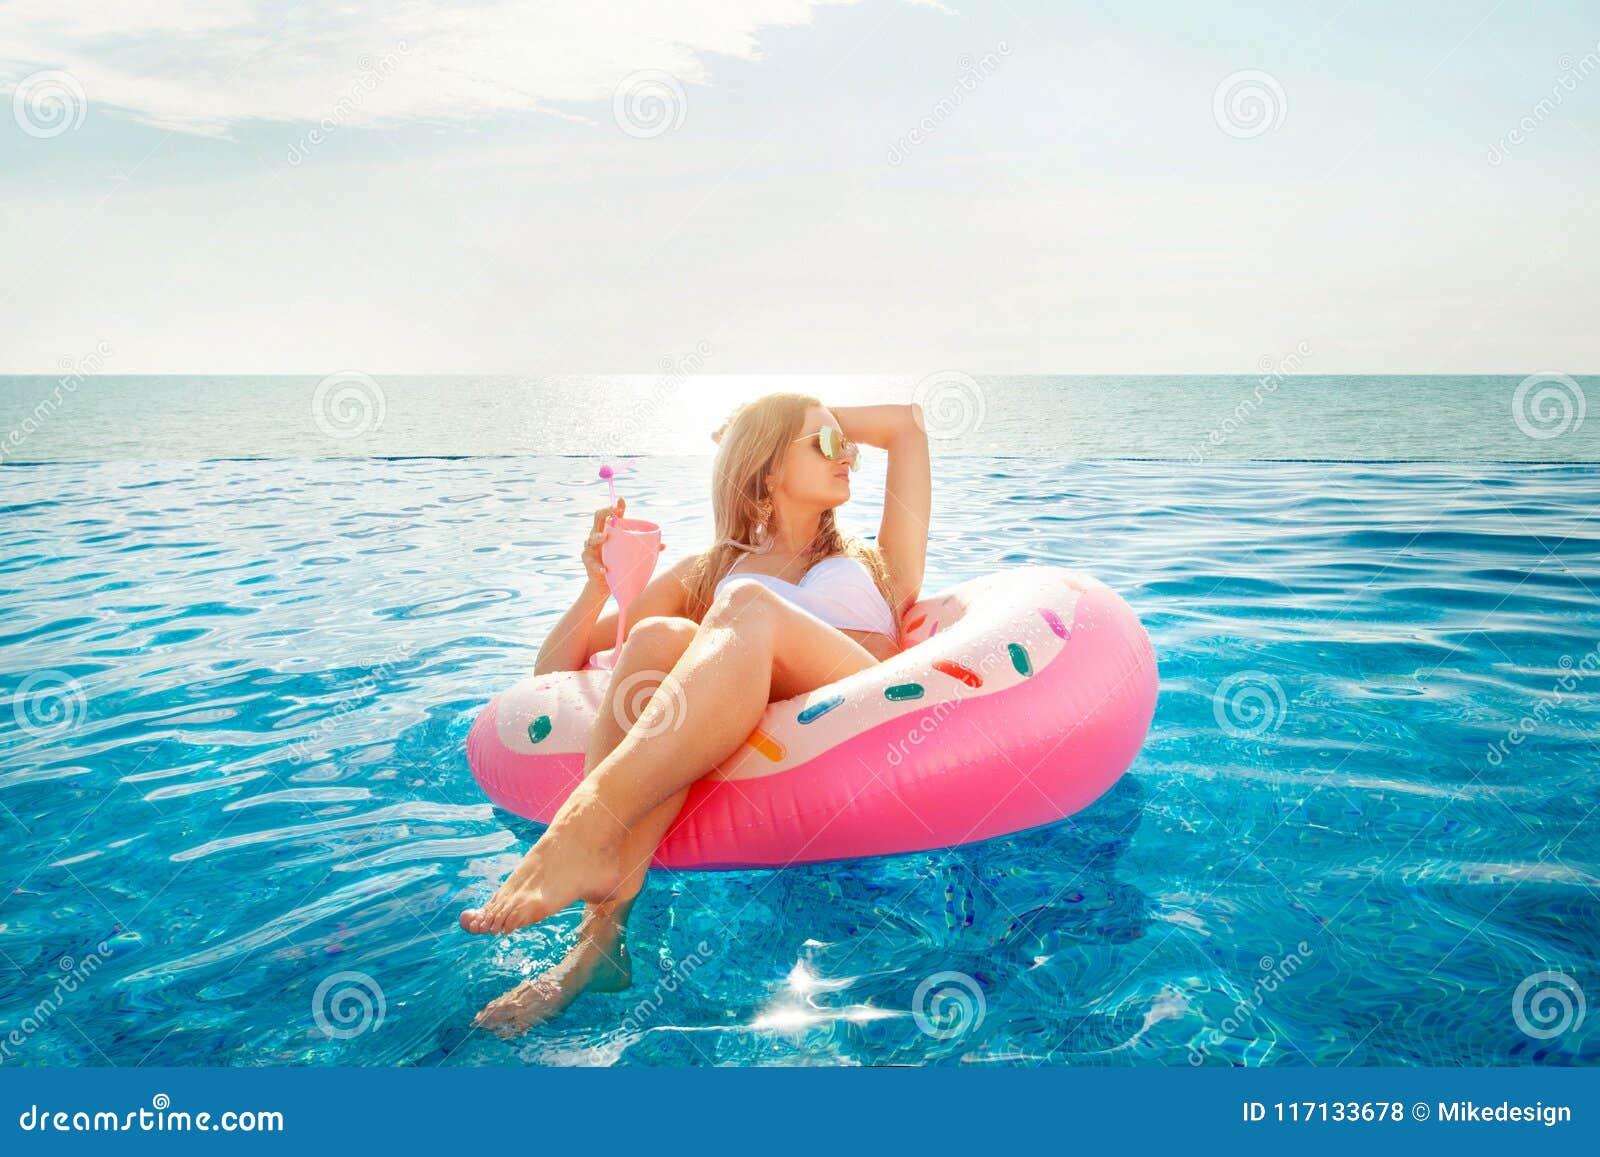 De vakantie van de zomer Vrouw in bikini op de opblaasbare doughnutmatras in het KUUROORD zwembad